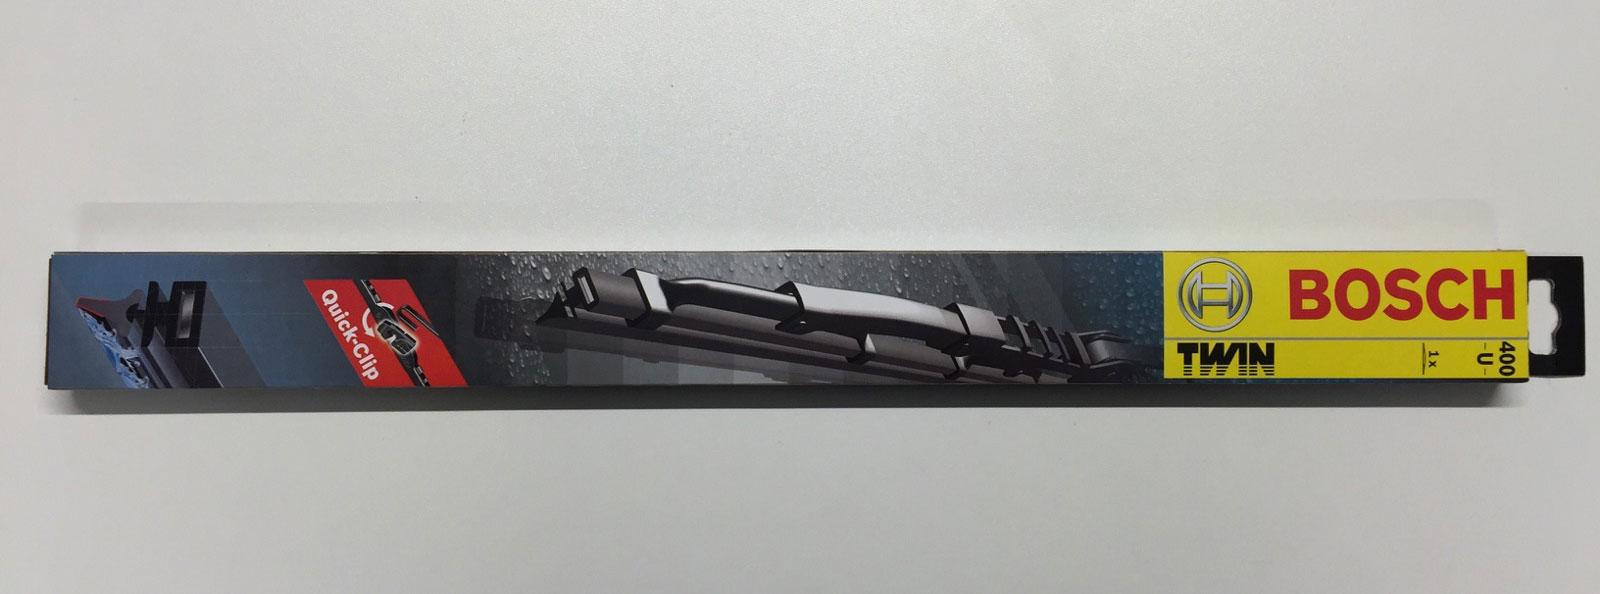 Scheibenwischer / Wischblatt Bosch TWIN 480U Single Bild 1